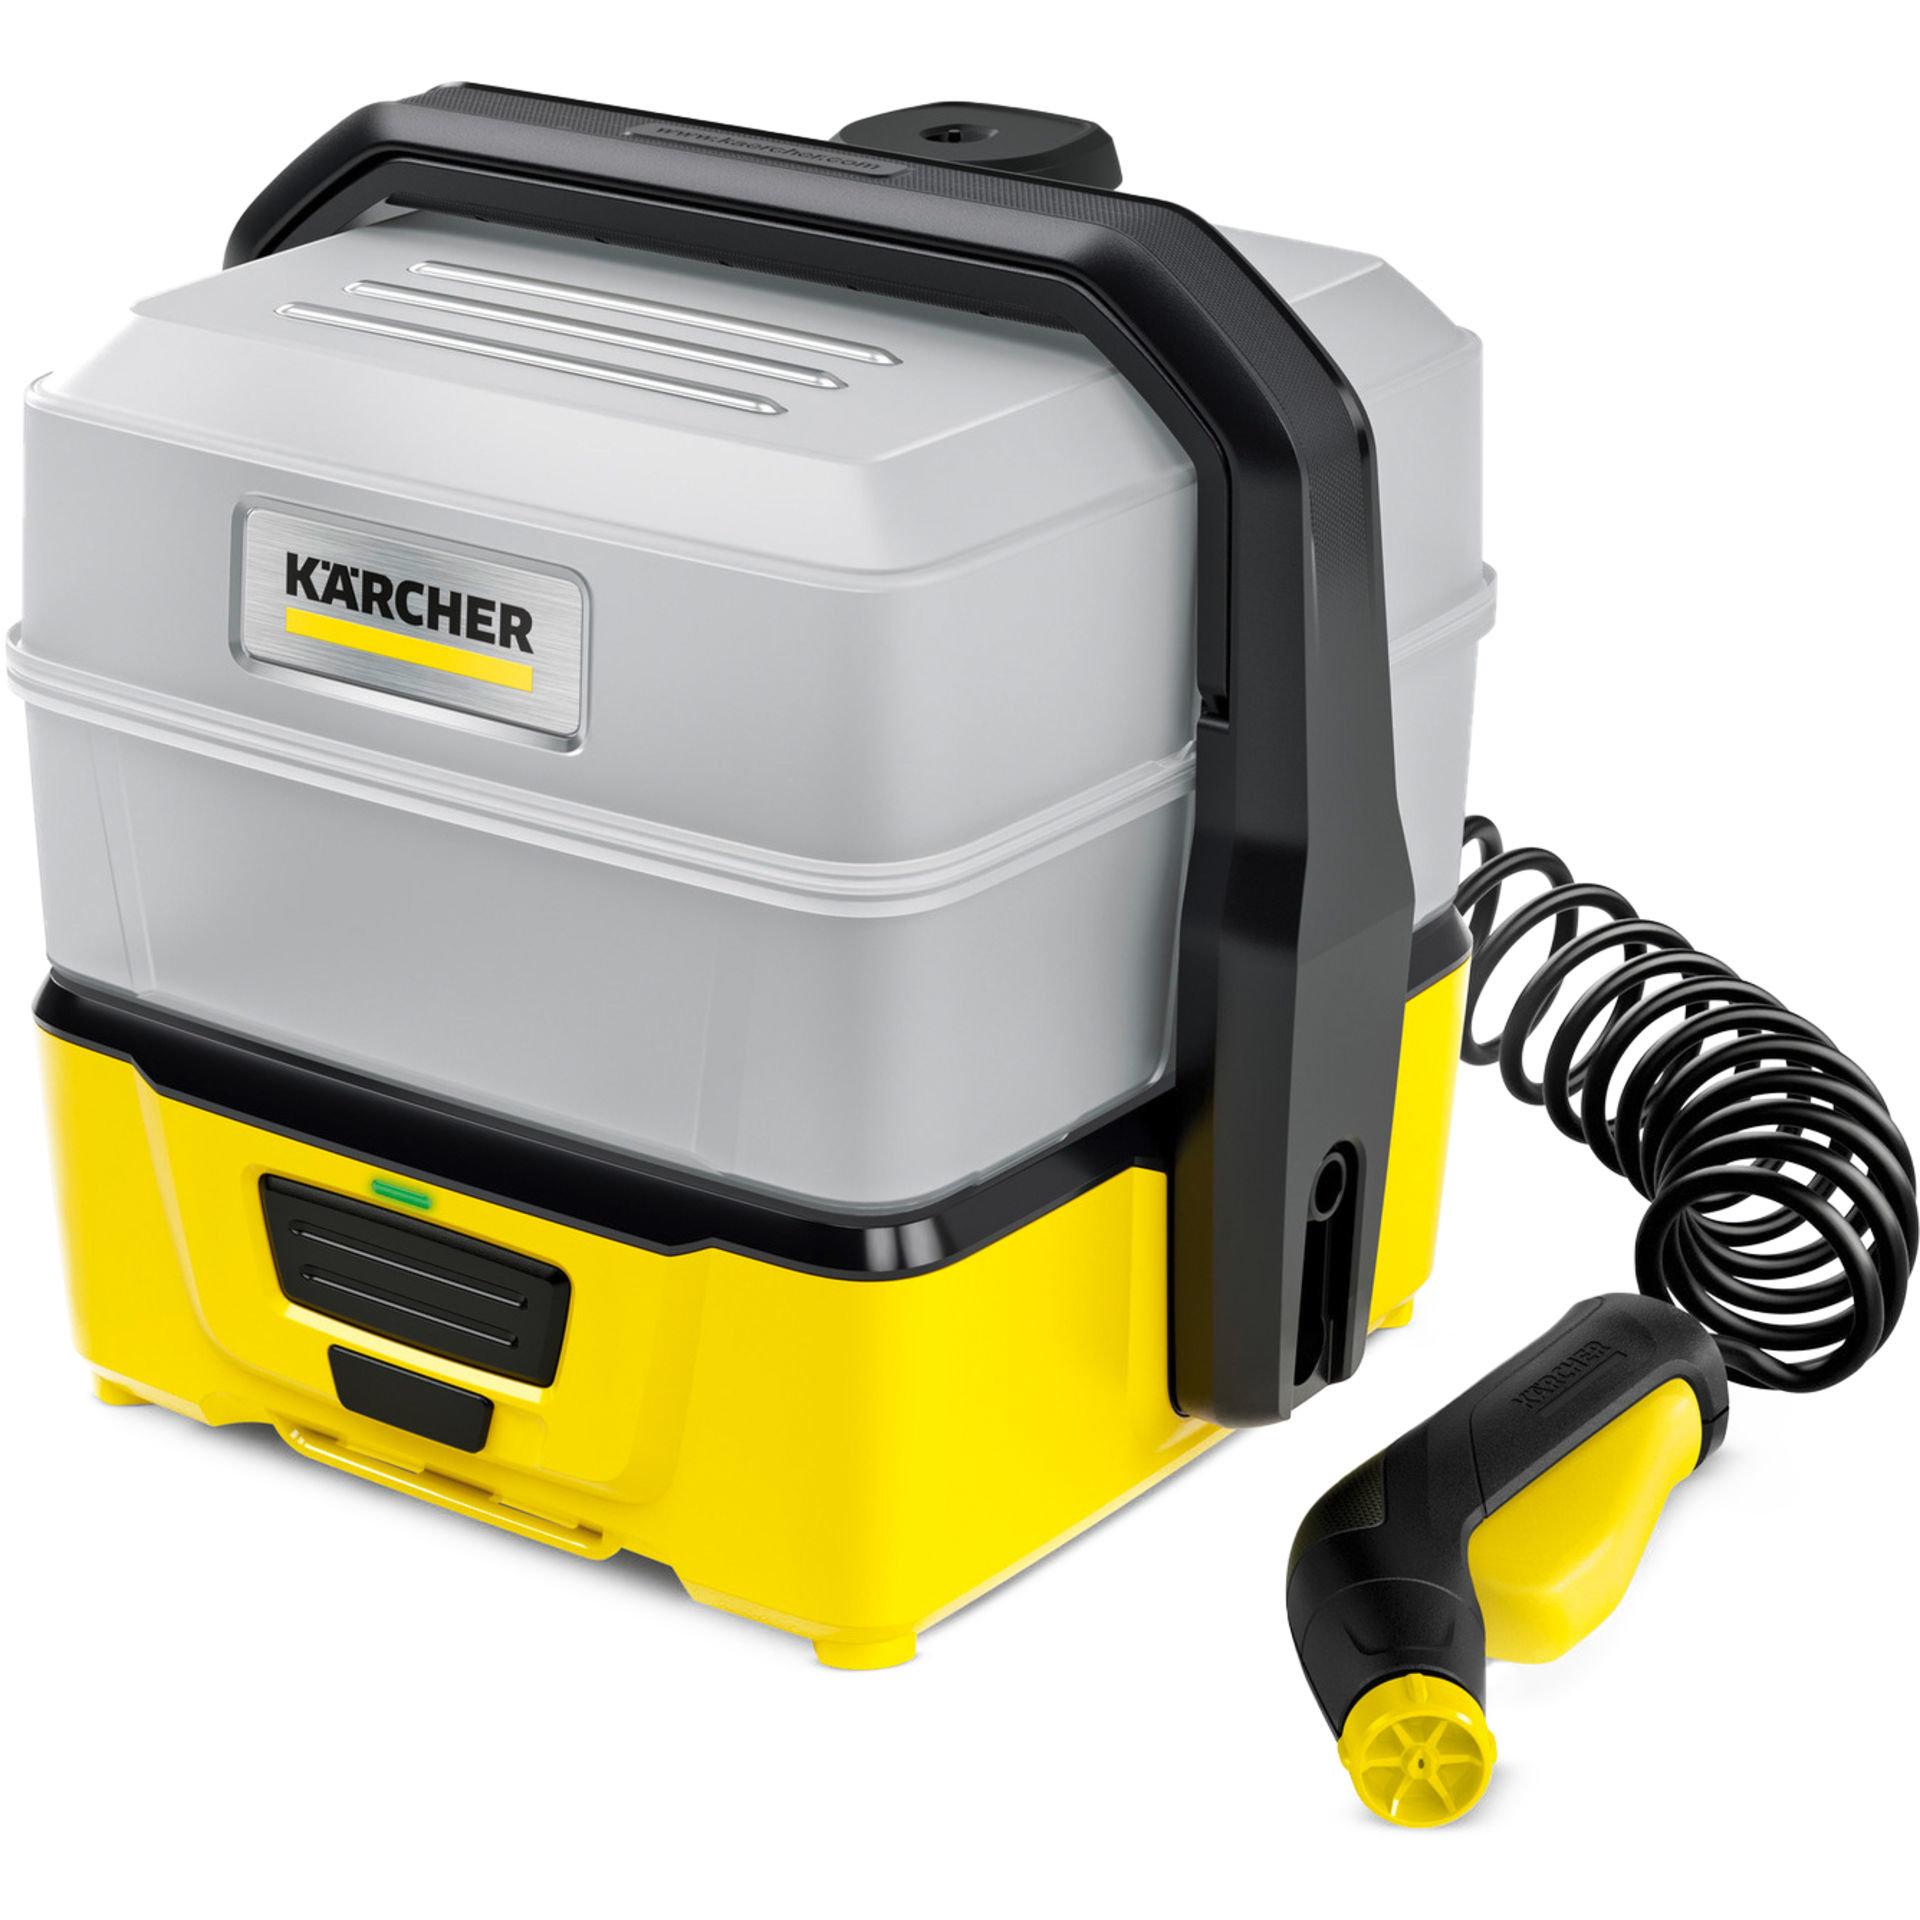 Myjka niskociśnieniowa terenowa KARCHER OC 3 Plus 1.680-030.0, poręczna, na akumulator